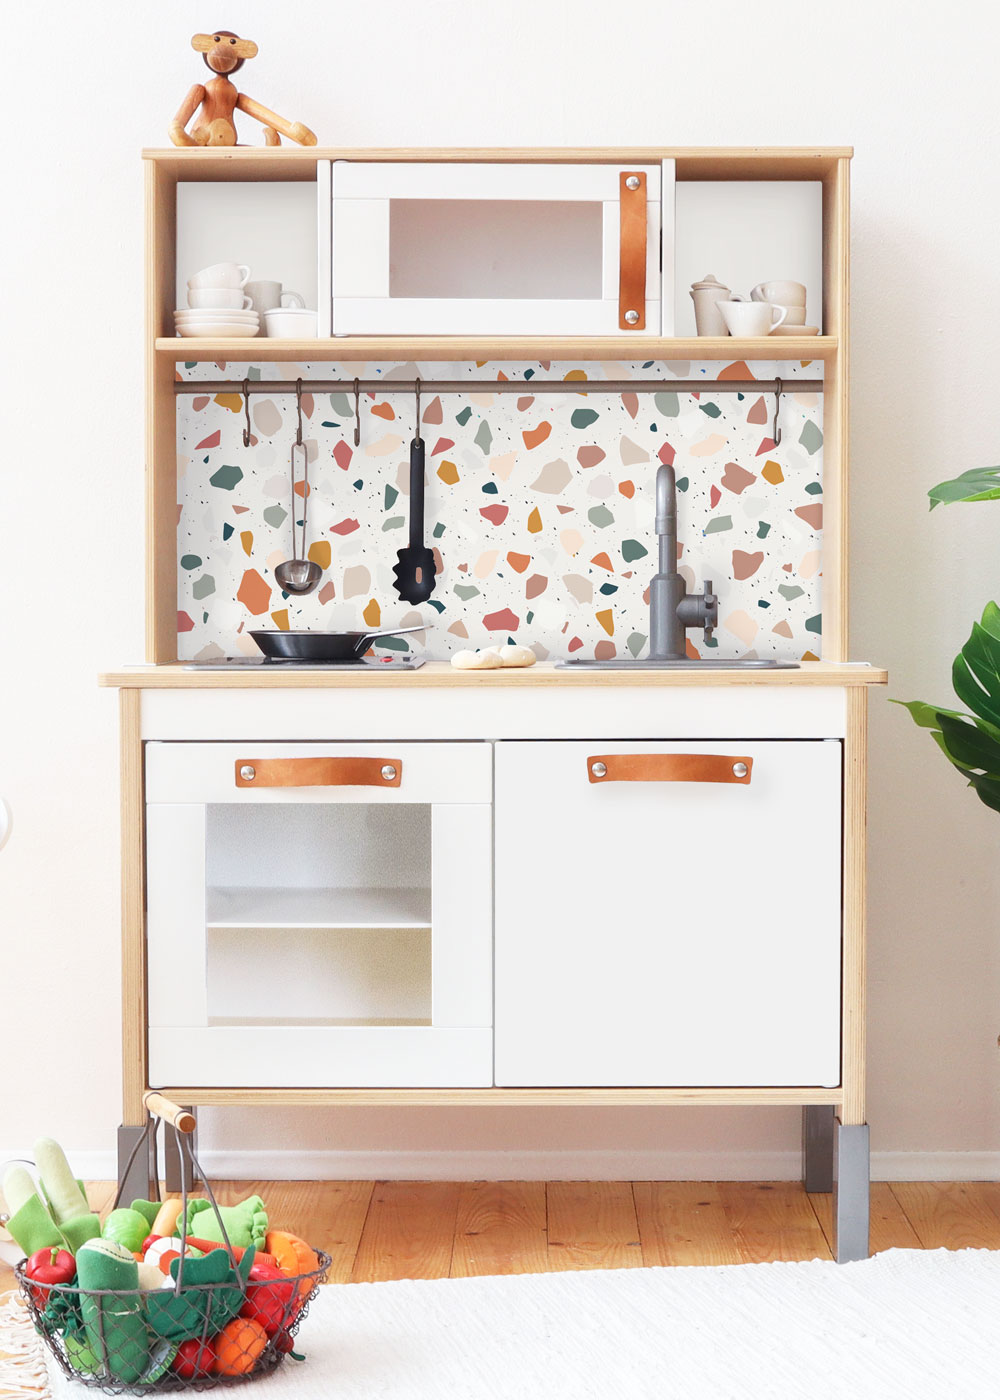 Ikea Duktig Kinderküche Kachla Terrazzo Rost Rosa Fronantsicht